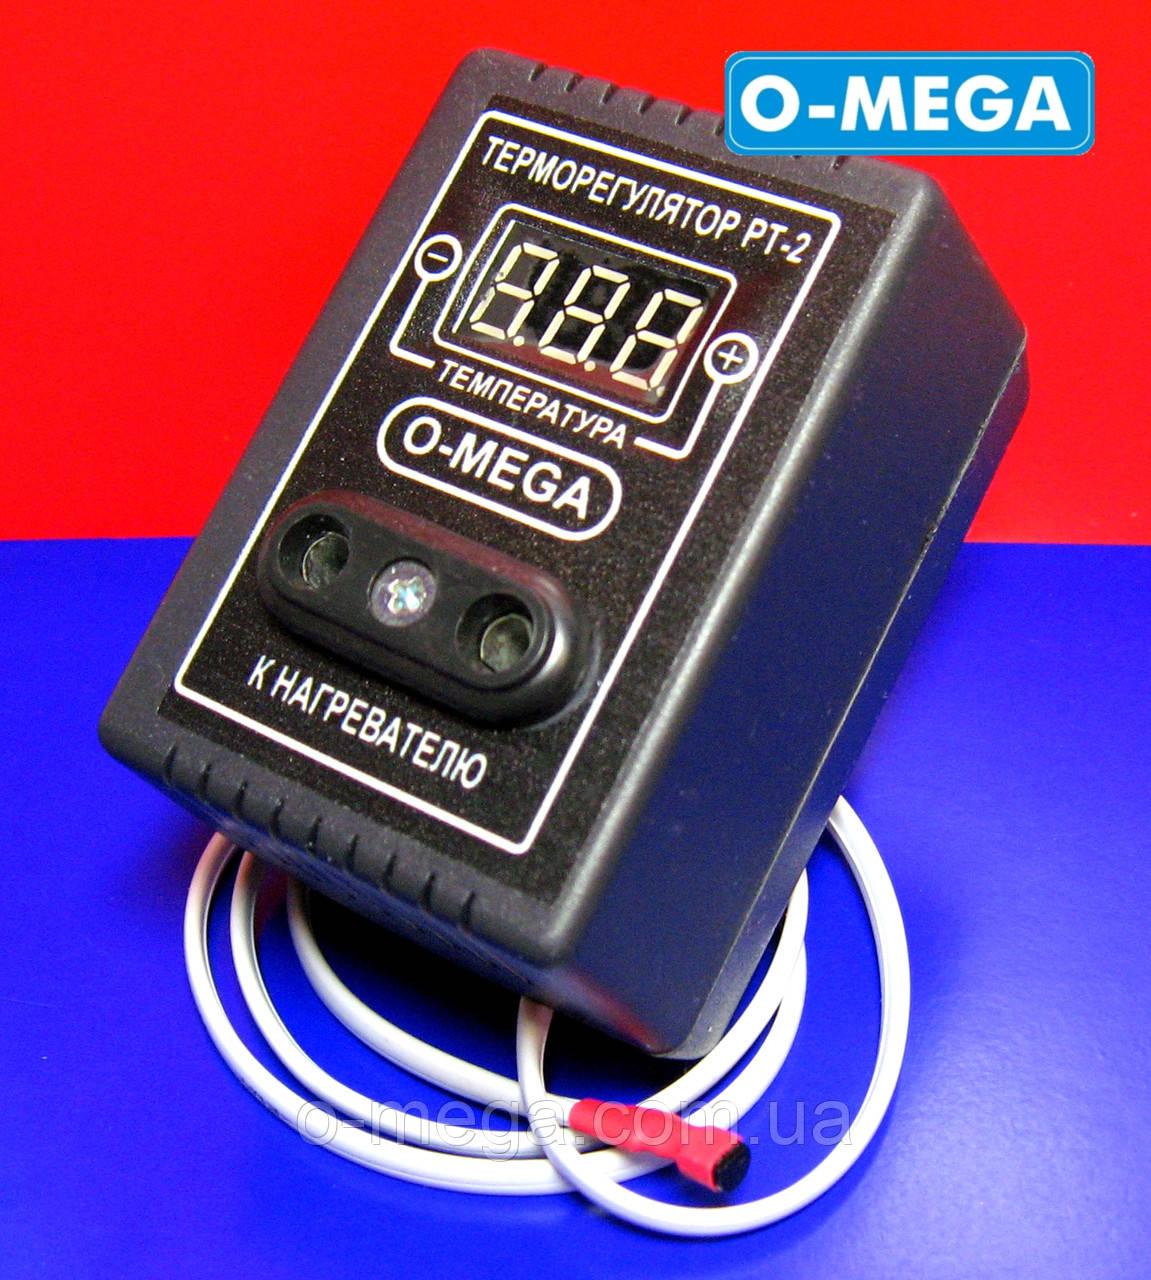 Терморегулятор РТ-2 O-MEGA для інкубатора